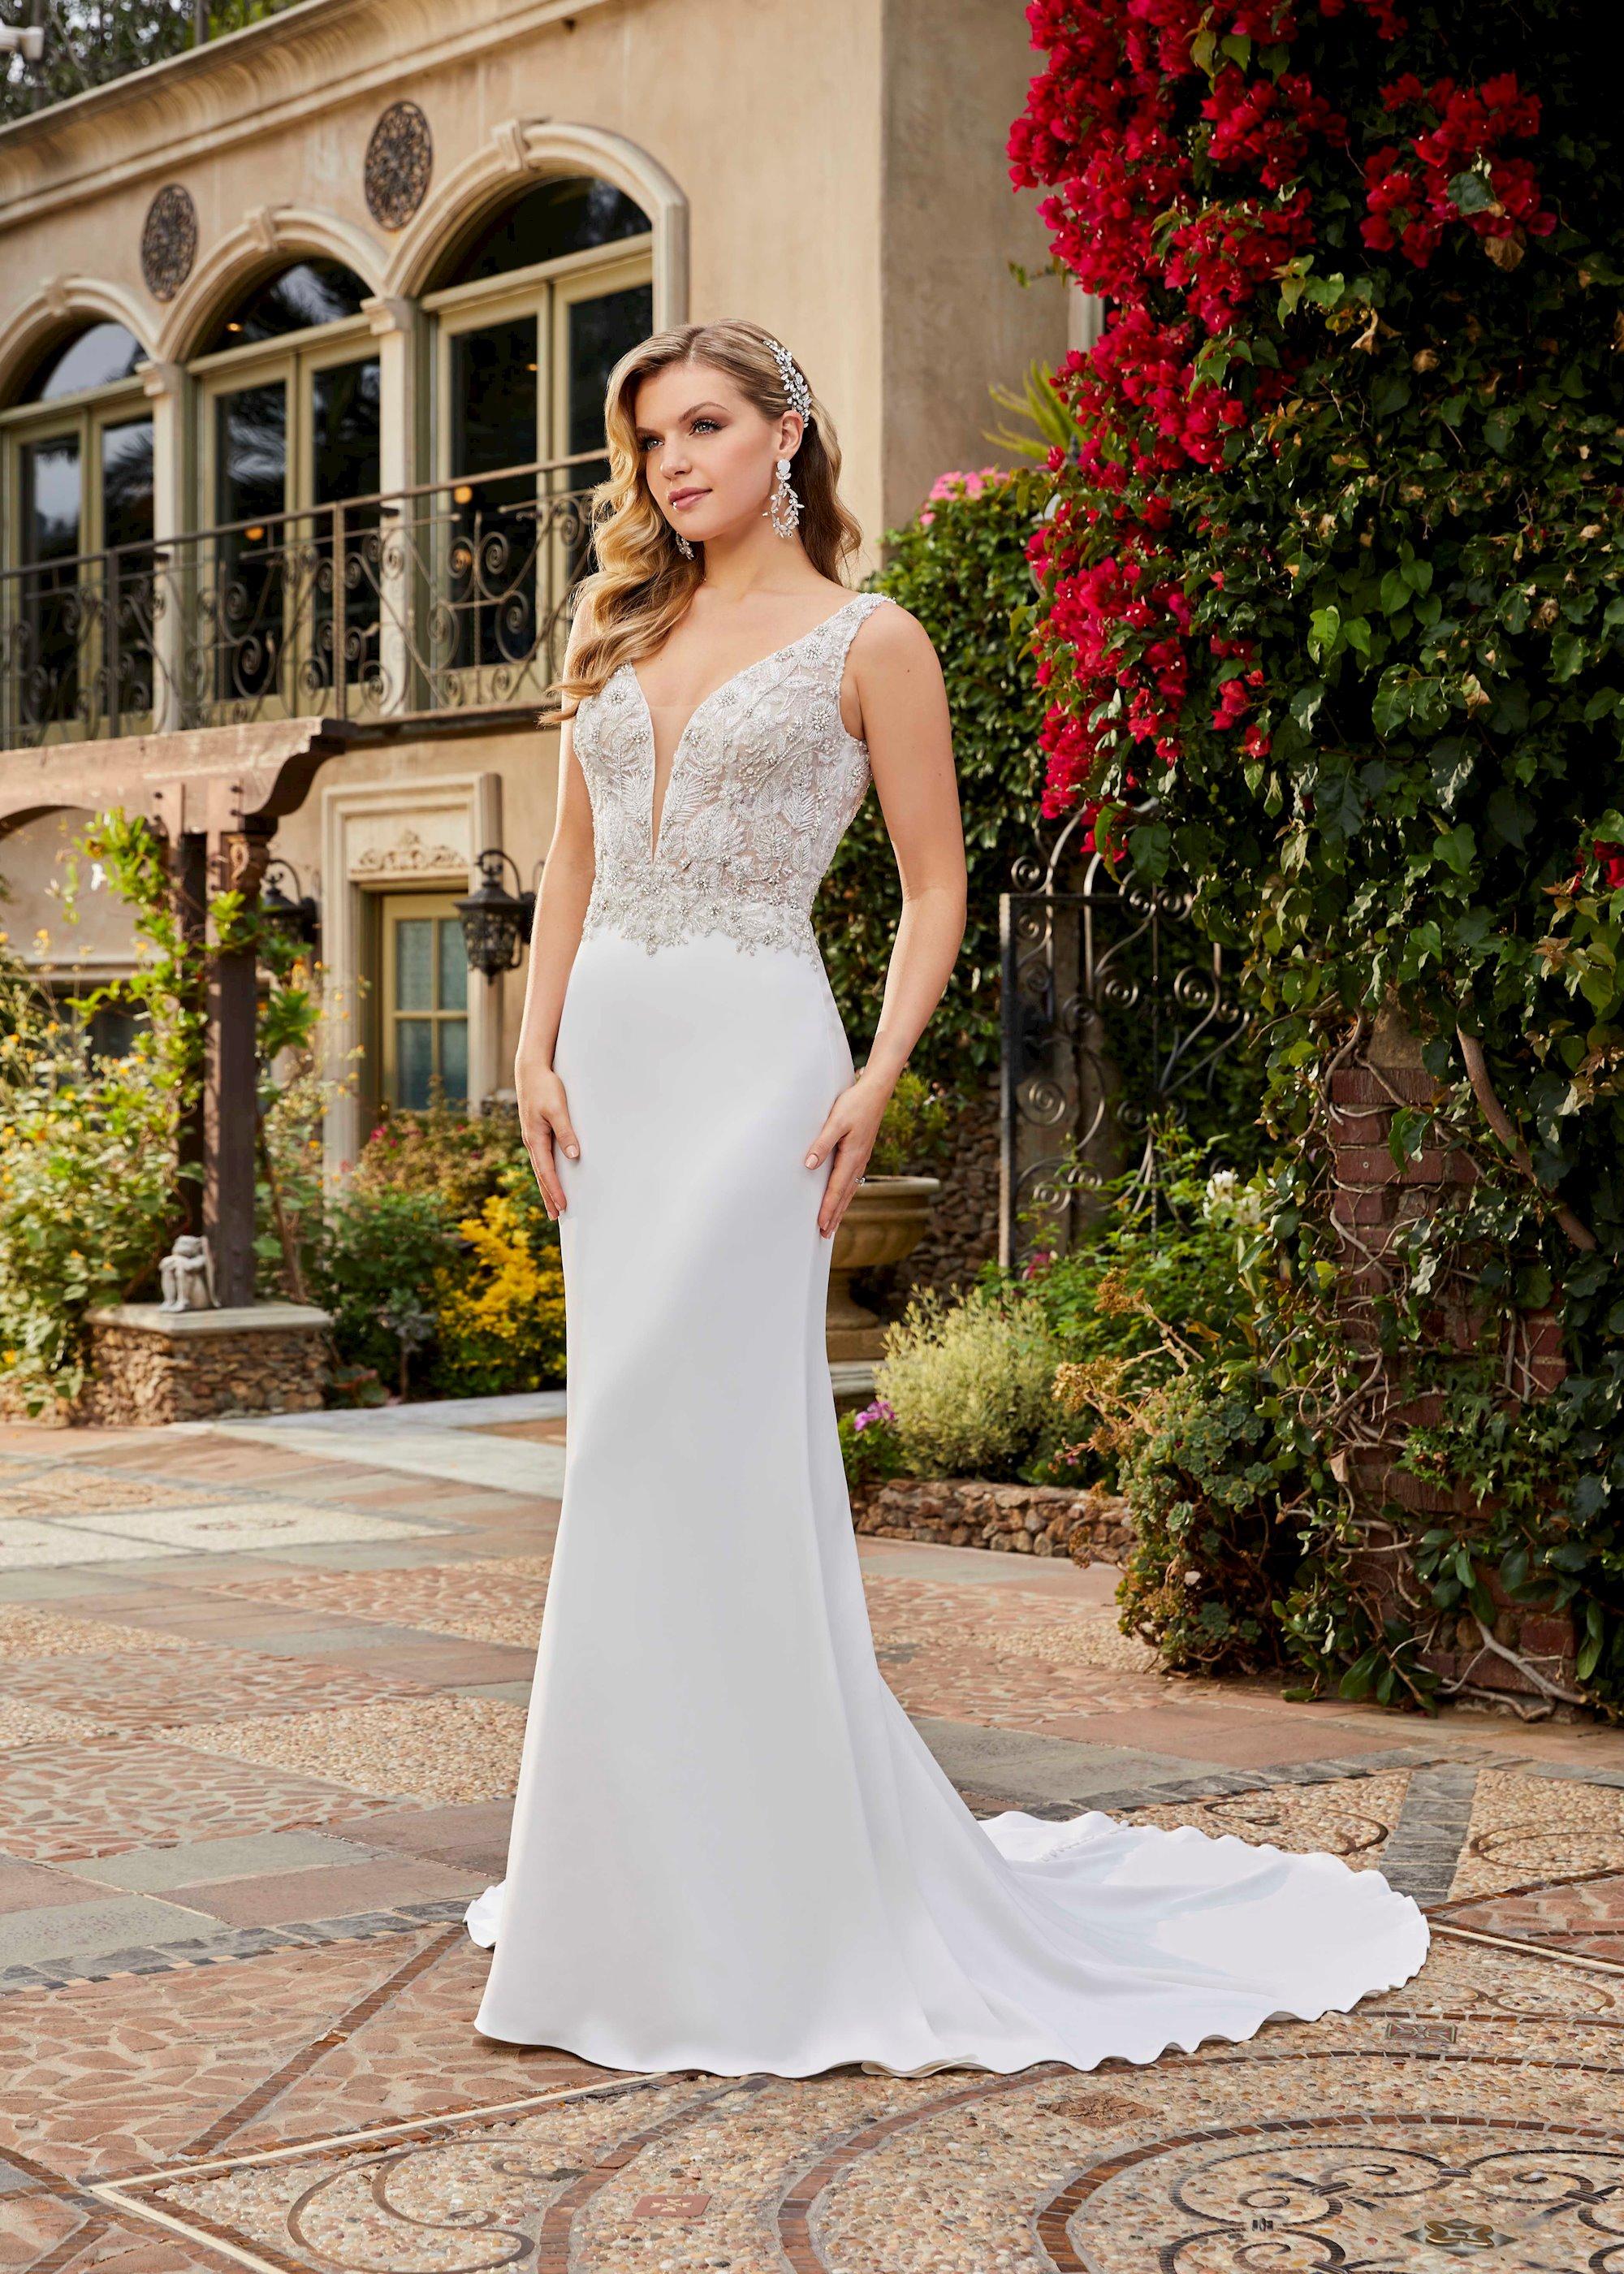 Casablanca 2403 The Exquisite Bride